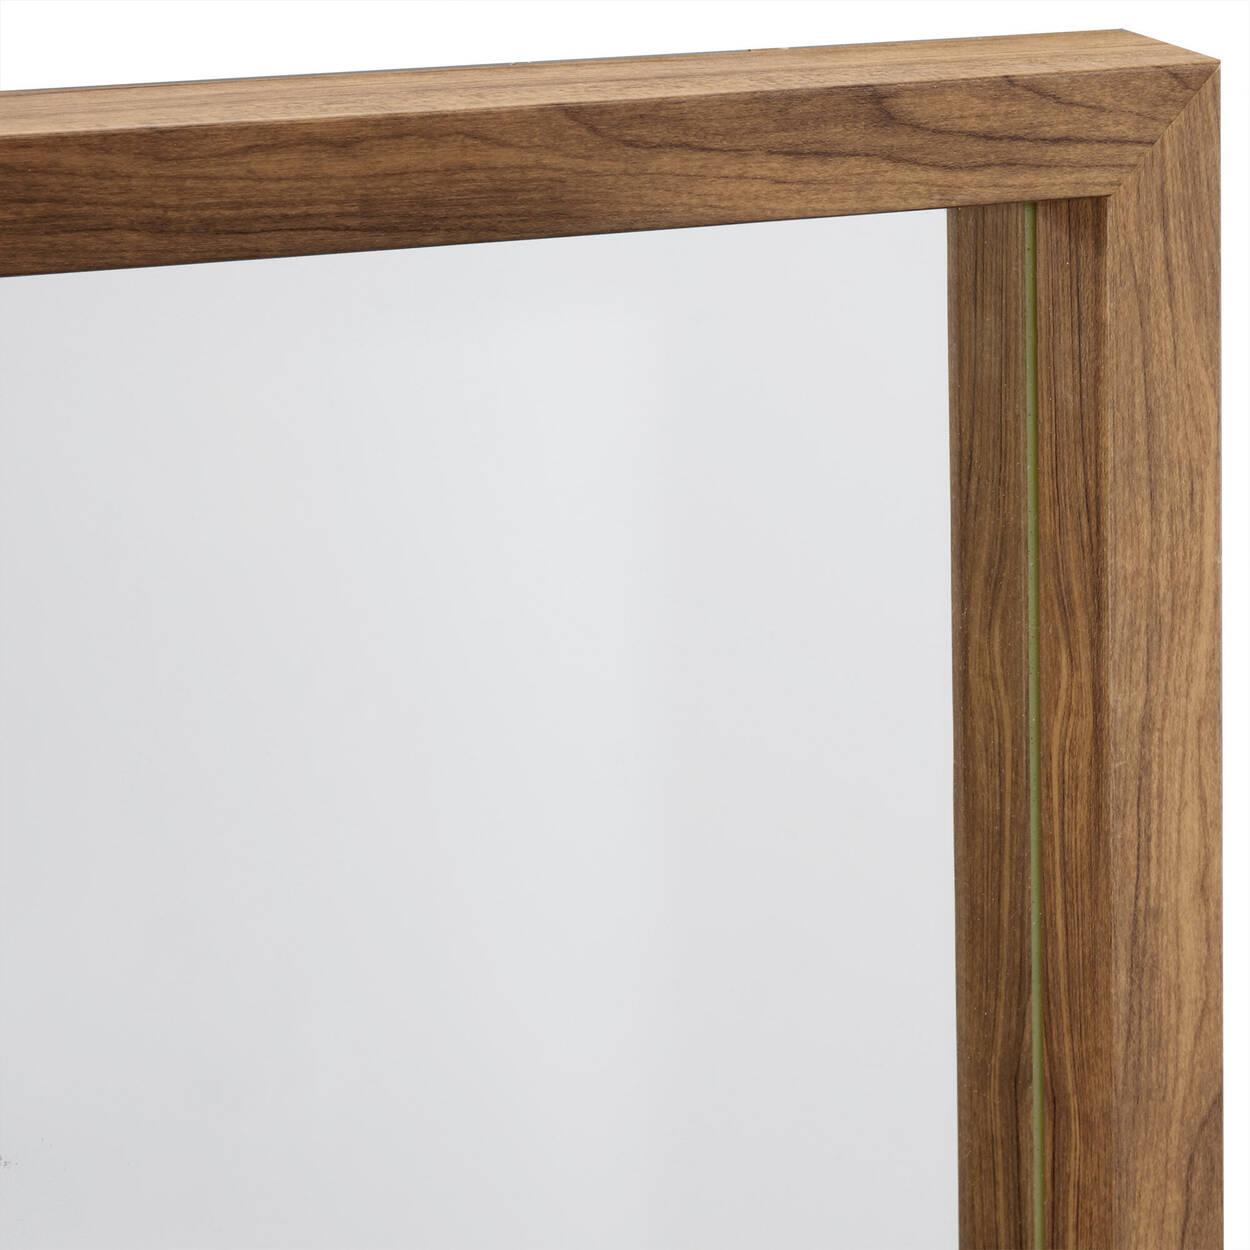 Miroir plein pied avec cadre au look de bois